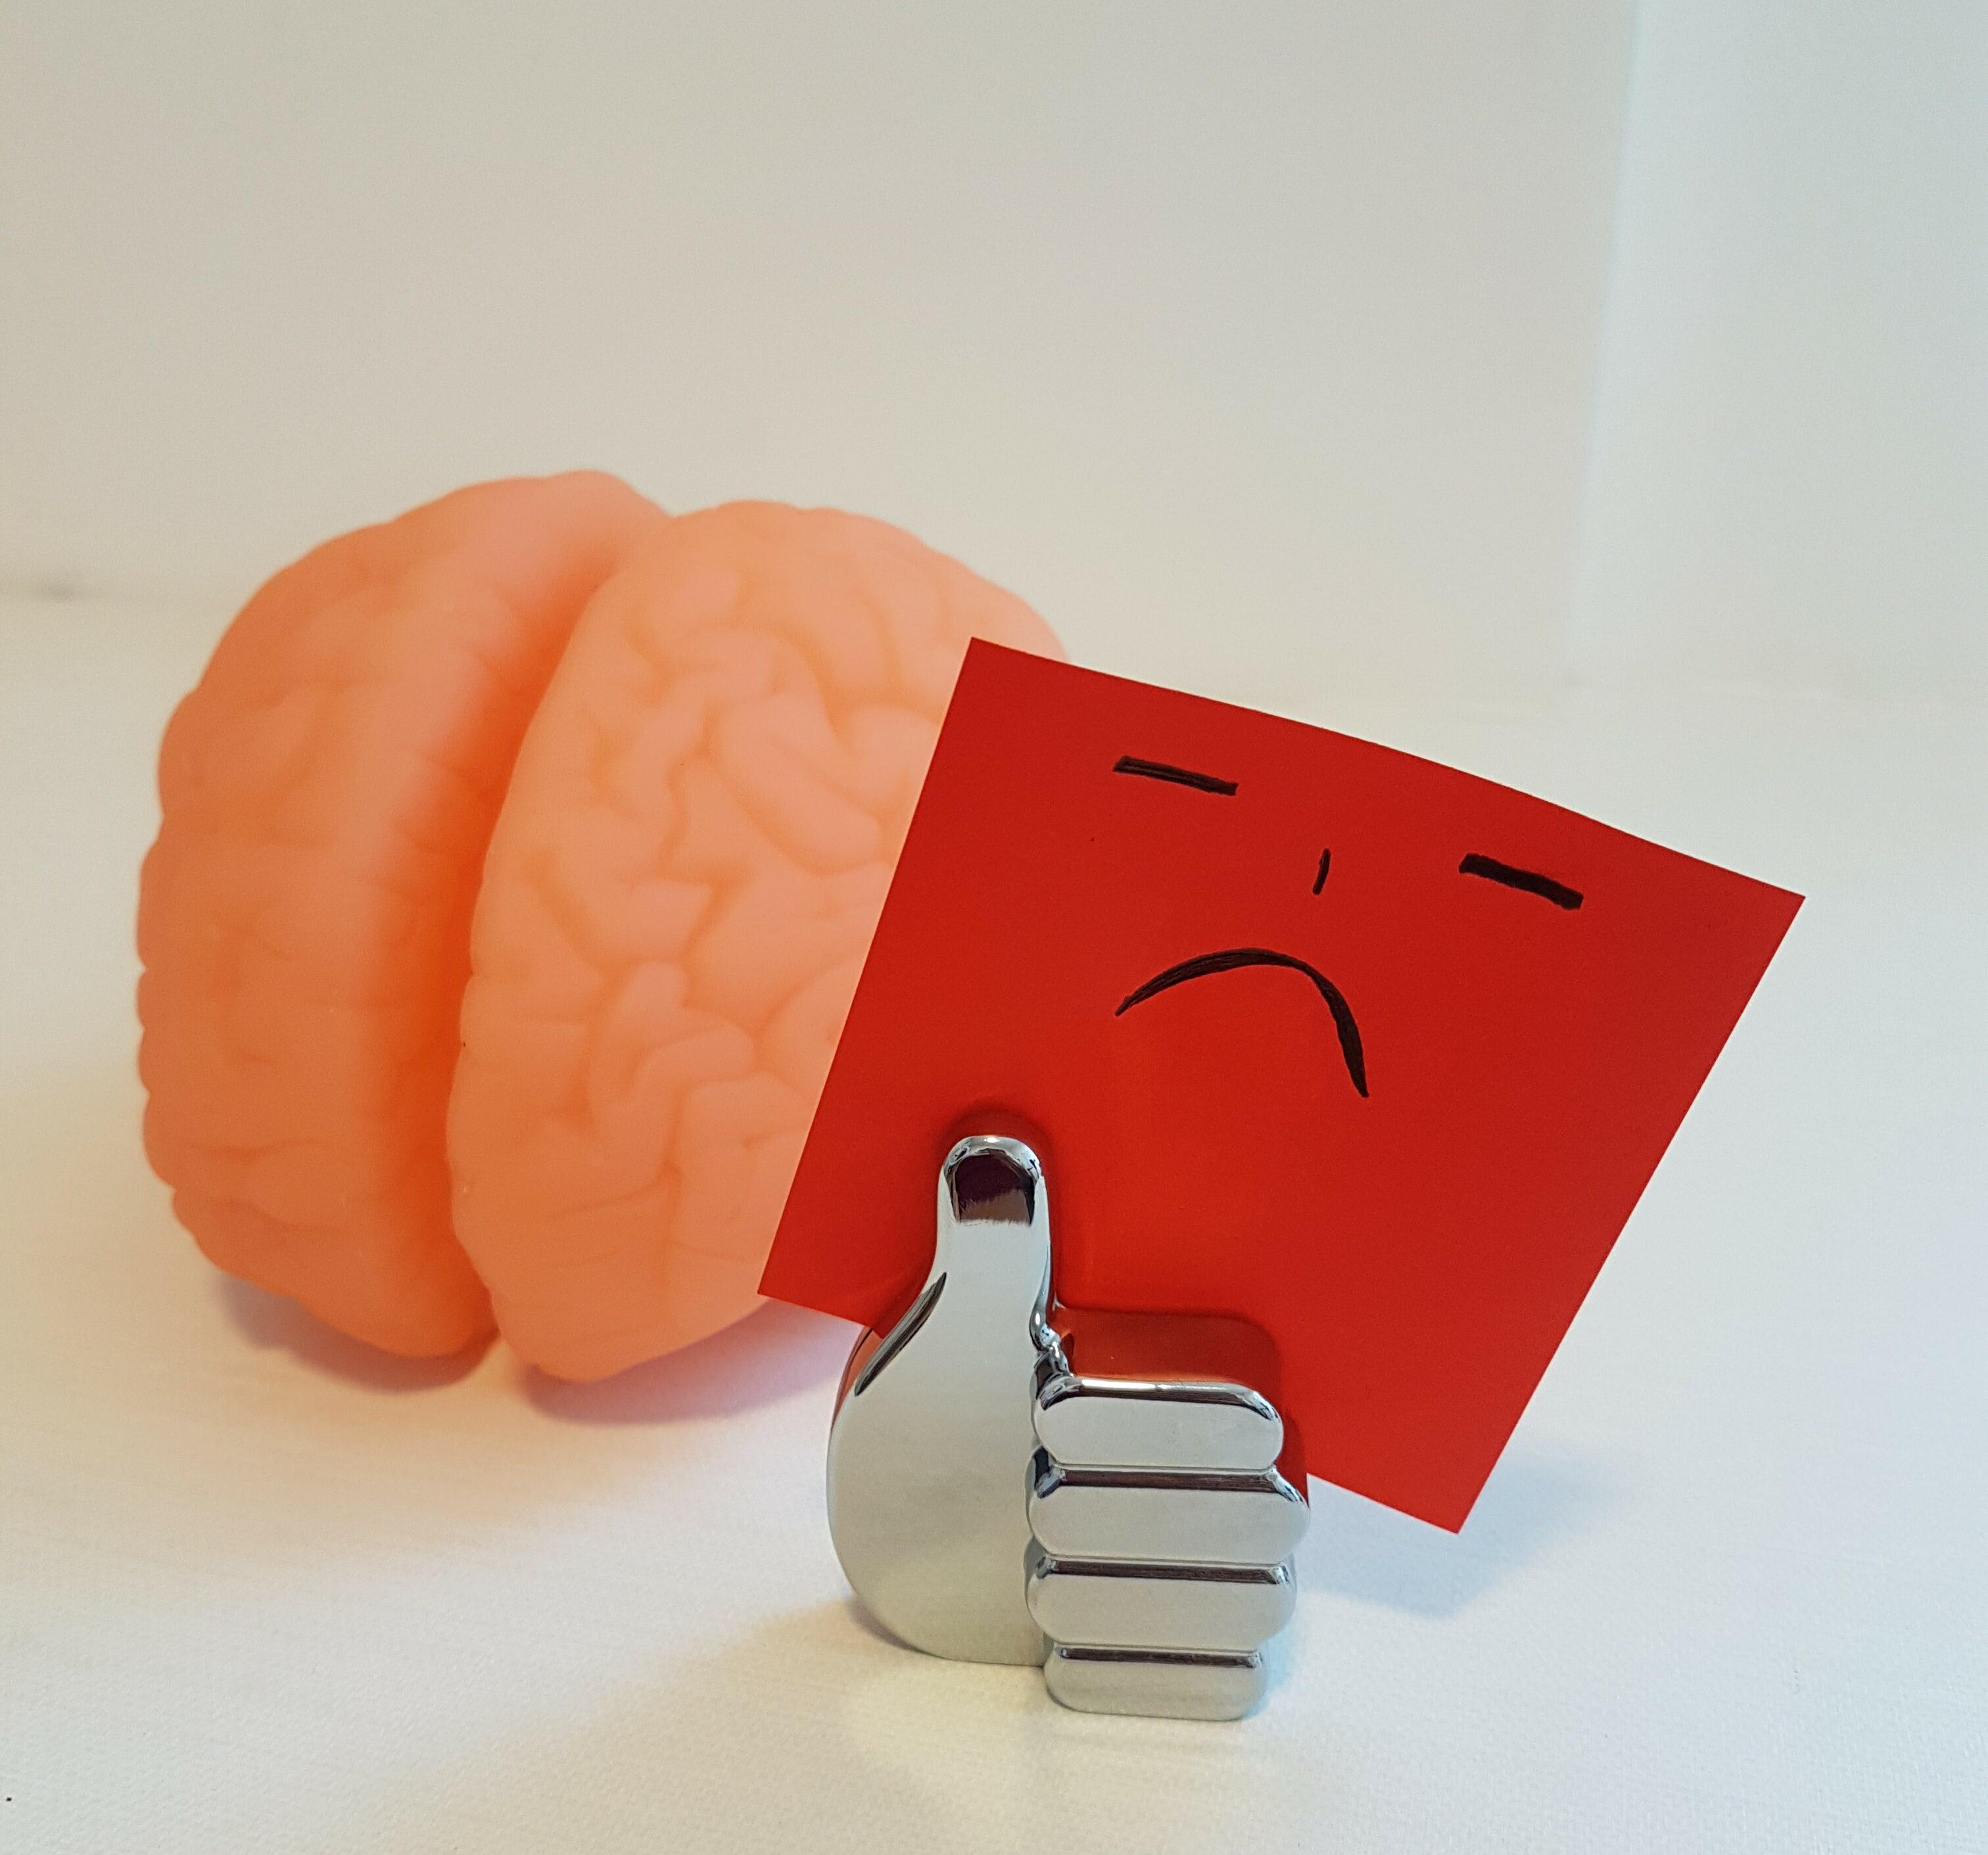 Cérebro e papel com desenho de rosto triste